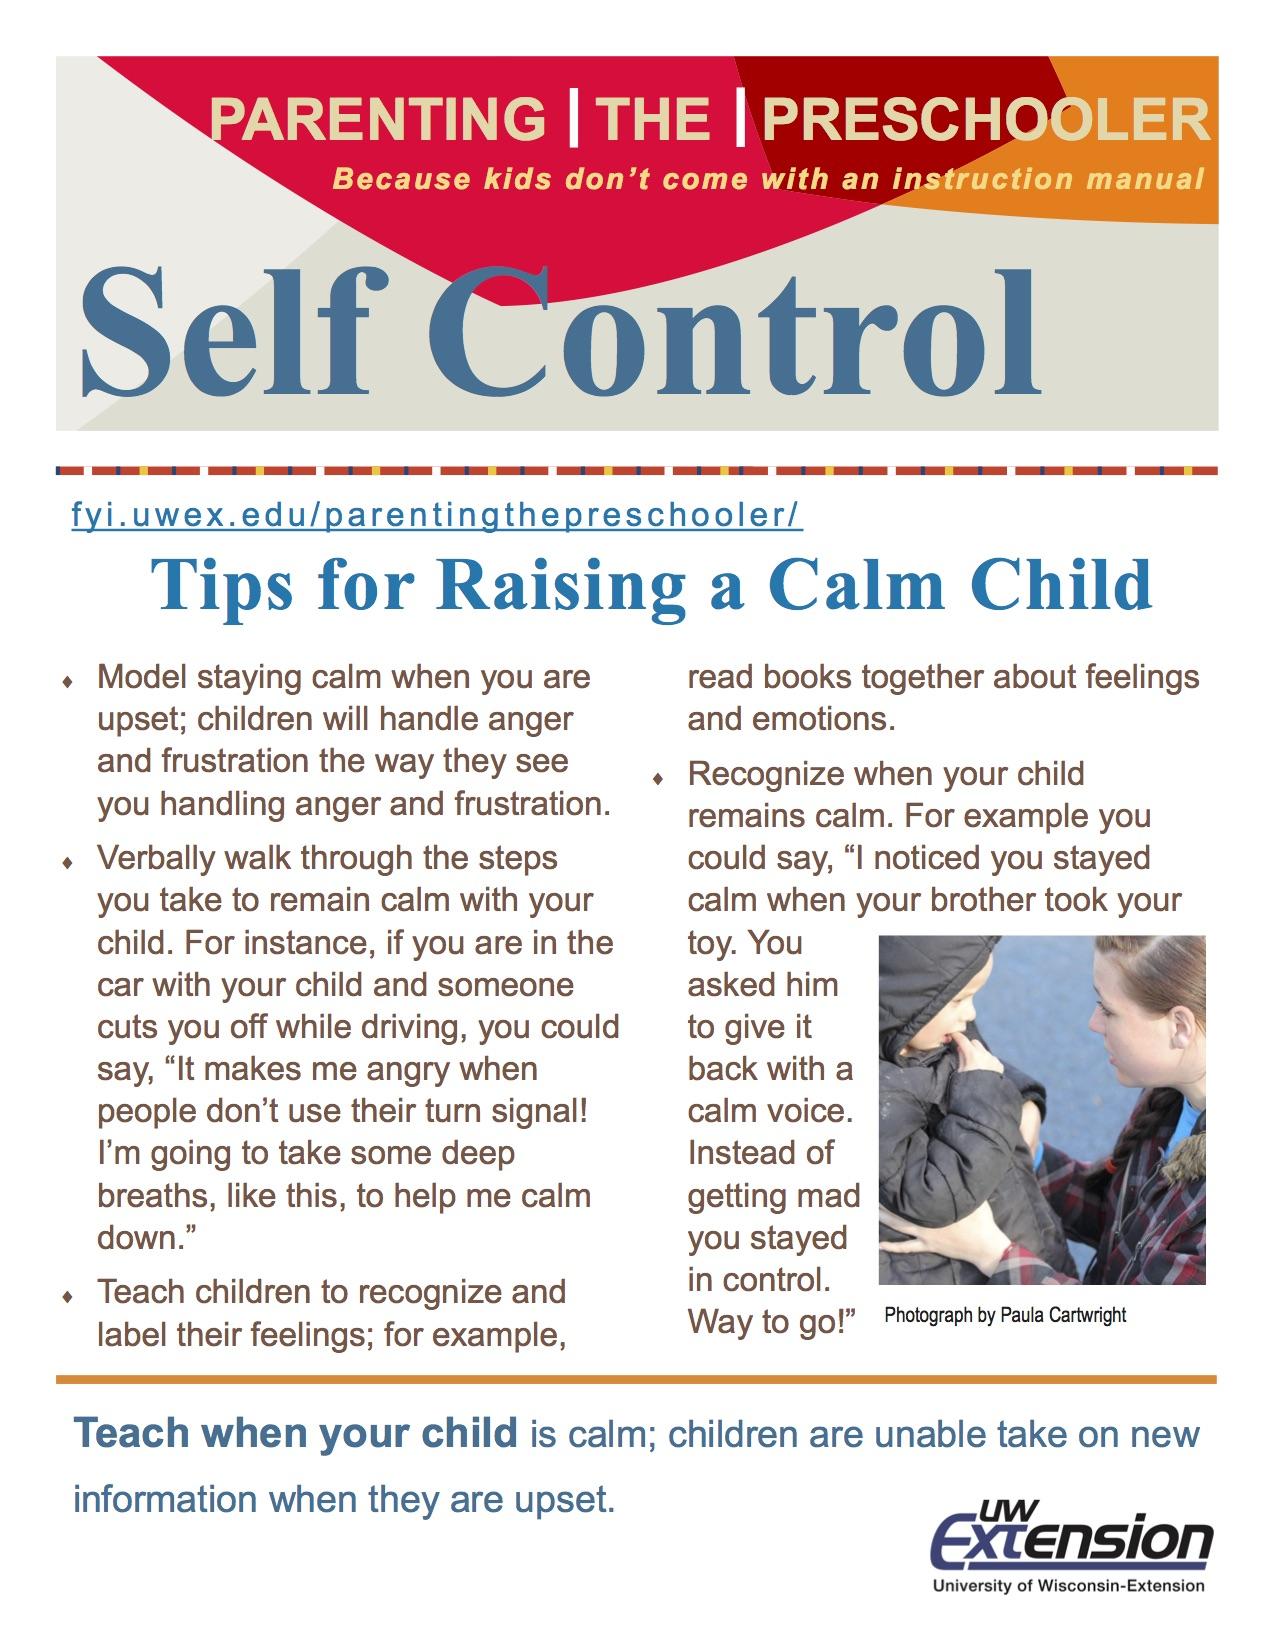 Self Control Parenting The Preschooler